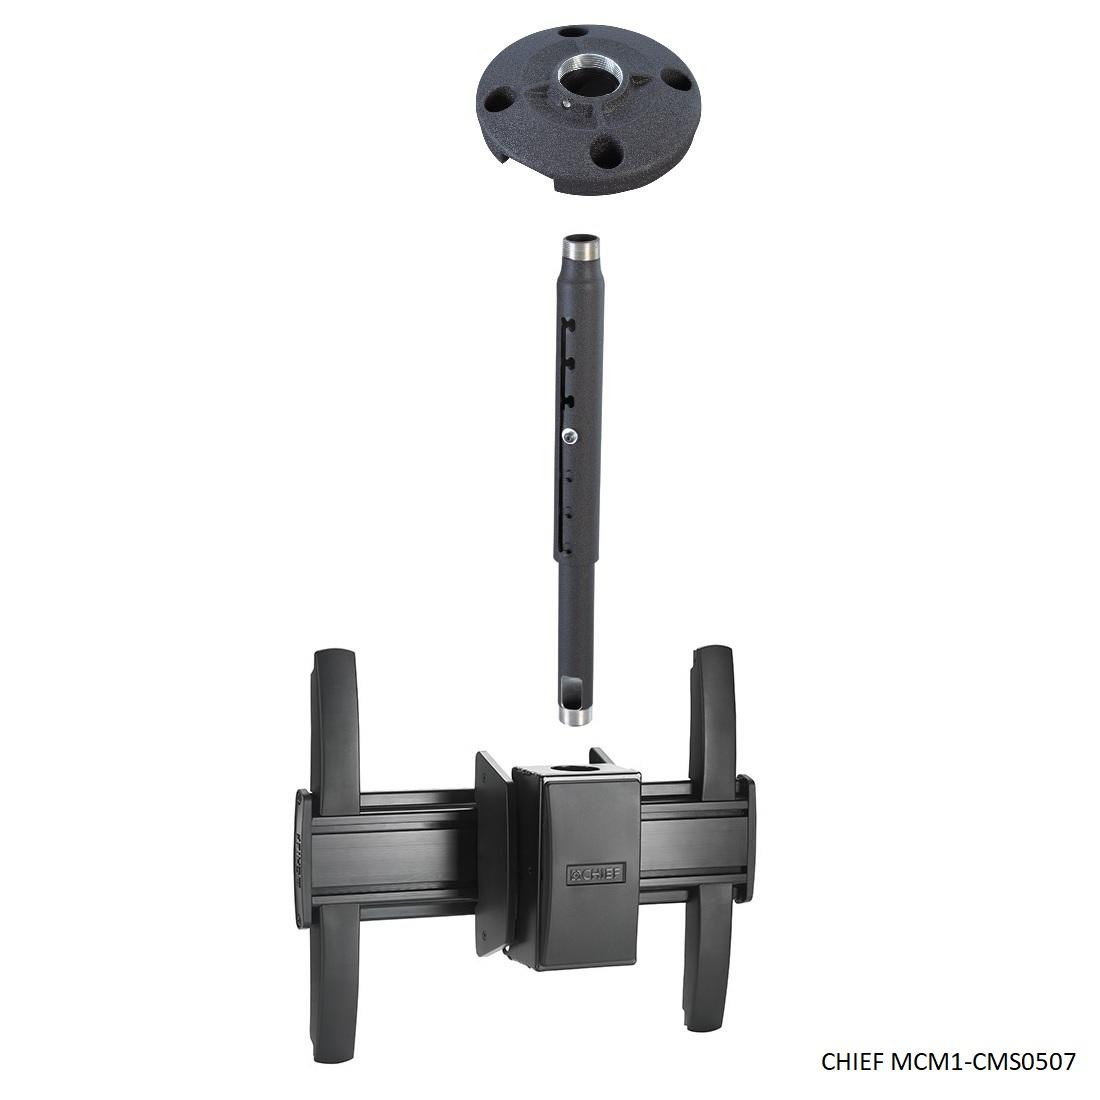 """CHIEF MCM1-CMS0507 - profesionální stropní držák na televizory a monitory (Stropní držák nejvyšší kvality a krásného designu. Nastavitelná délka 1530-2140mm, na Tv a monitory 37-60"""")"""